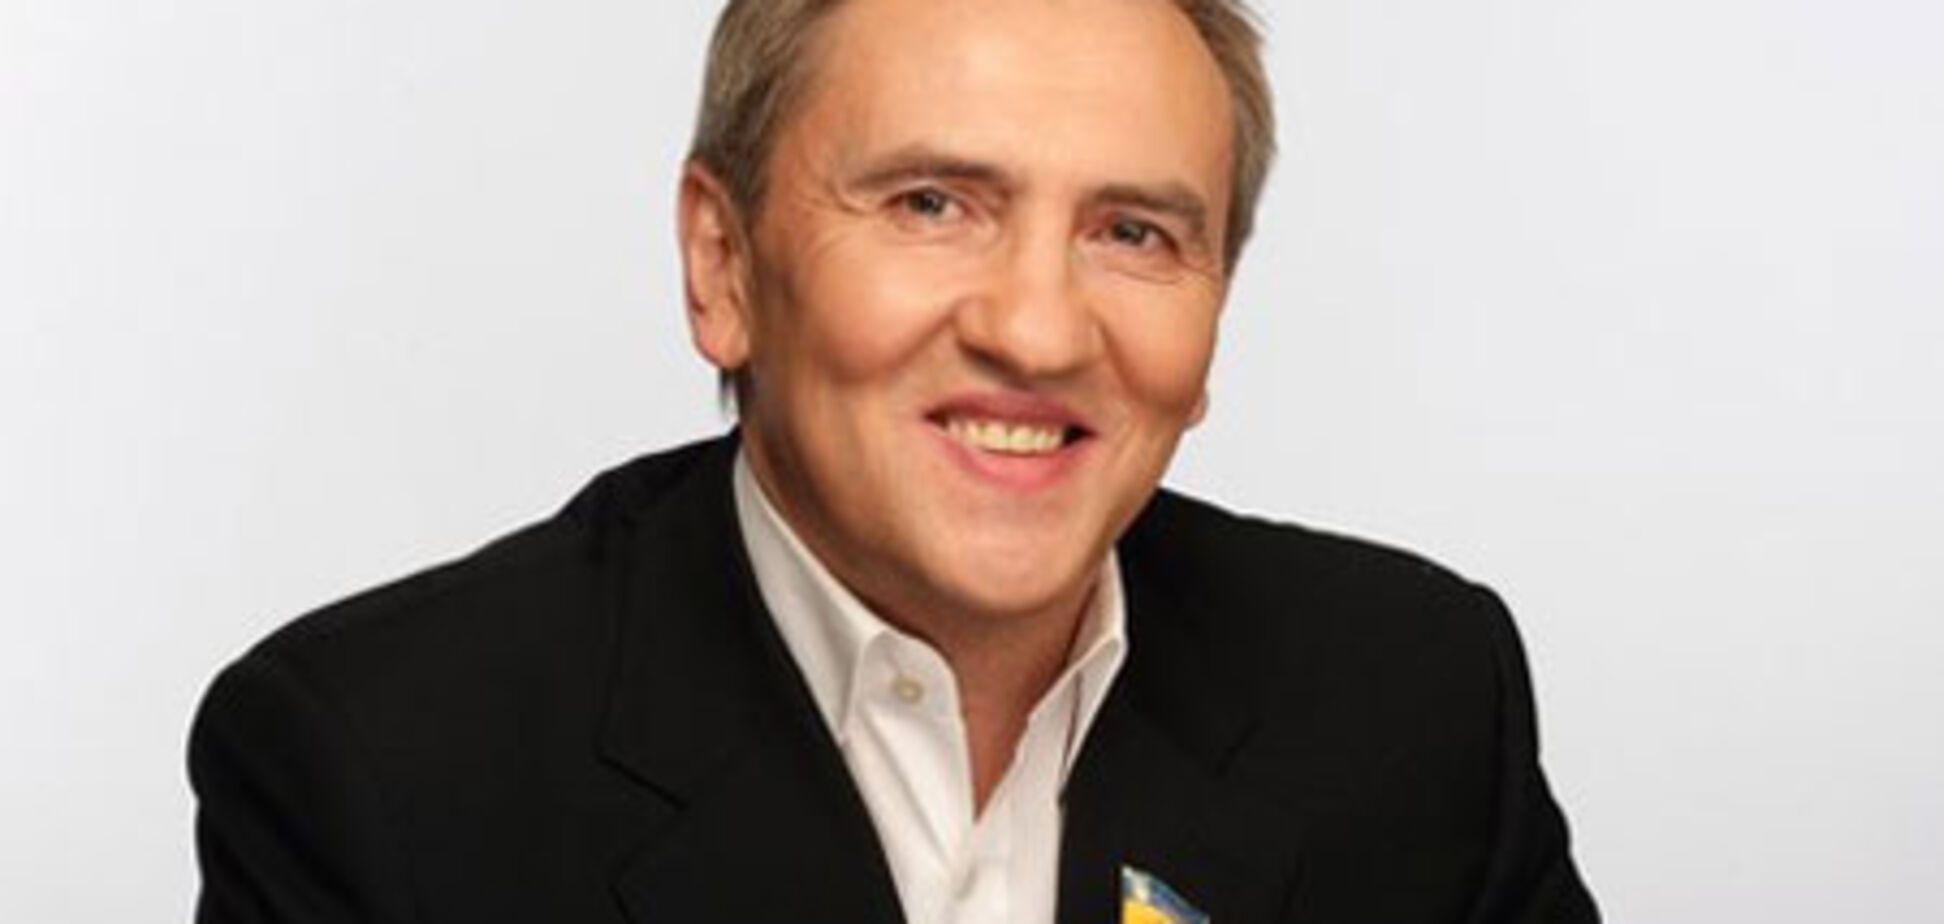 Леонид Черновецкий отпразднует день рождения в ресторане